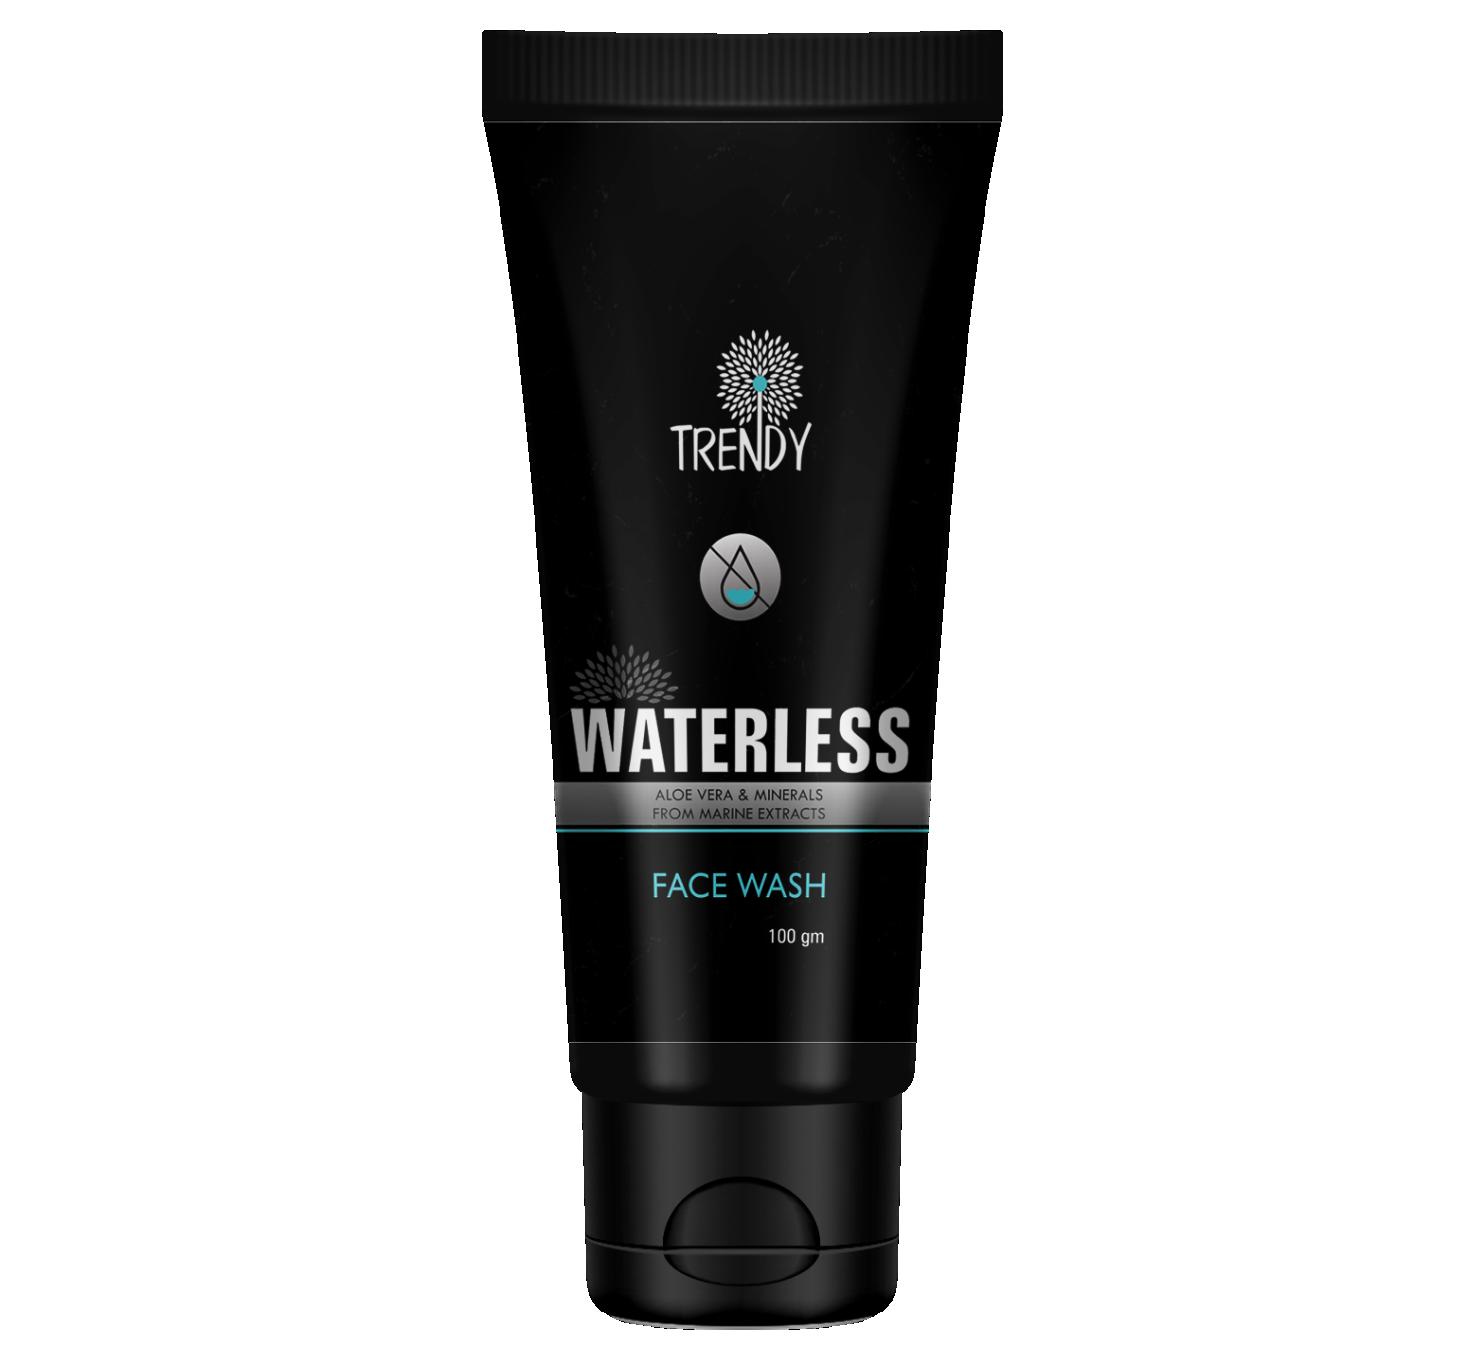 WATERLESS FACEWASH